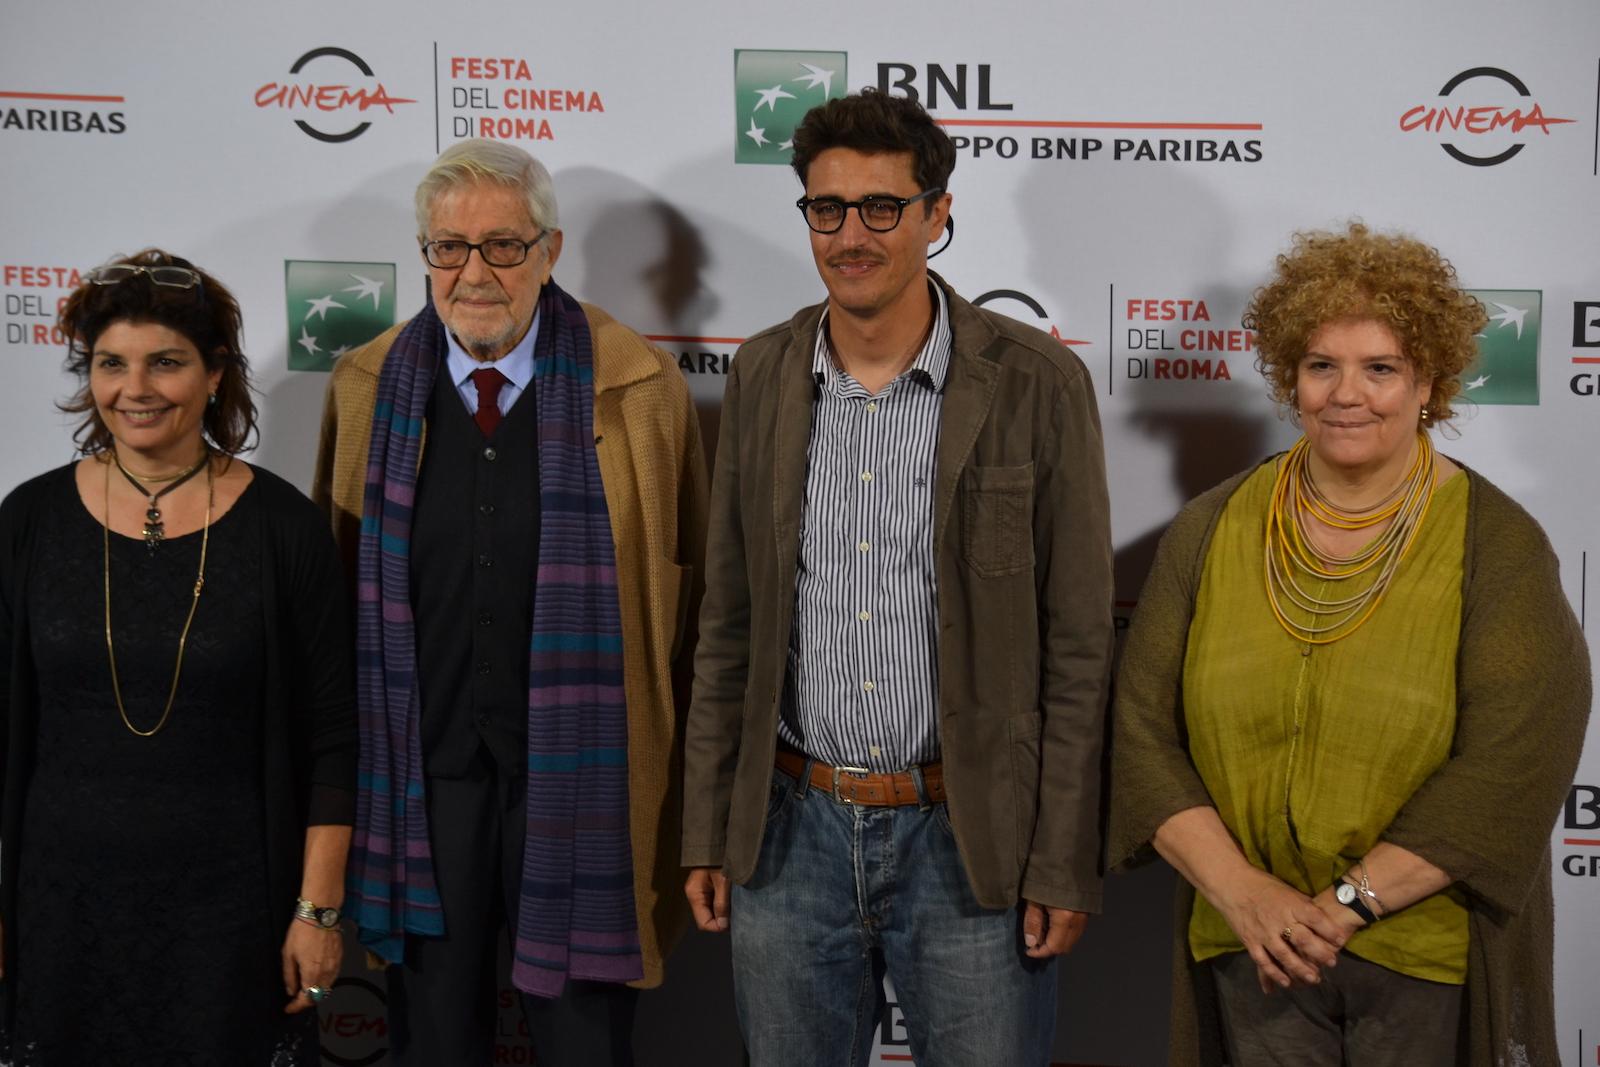 Roma 2015: Ettore Scola, Silvia Scola, Paola Scola e Pierfrancesco Diliberto in uno scatto al photocall di Ridendo e Scherzando